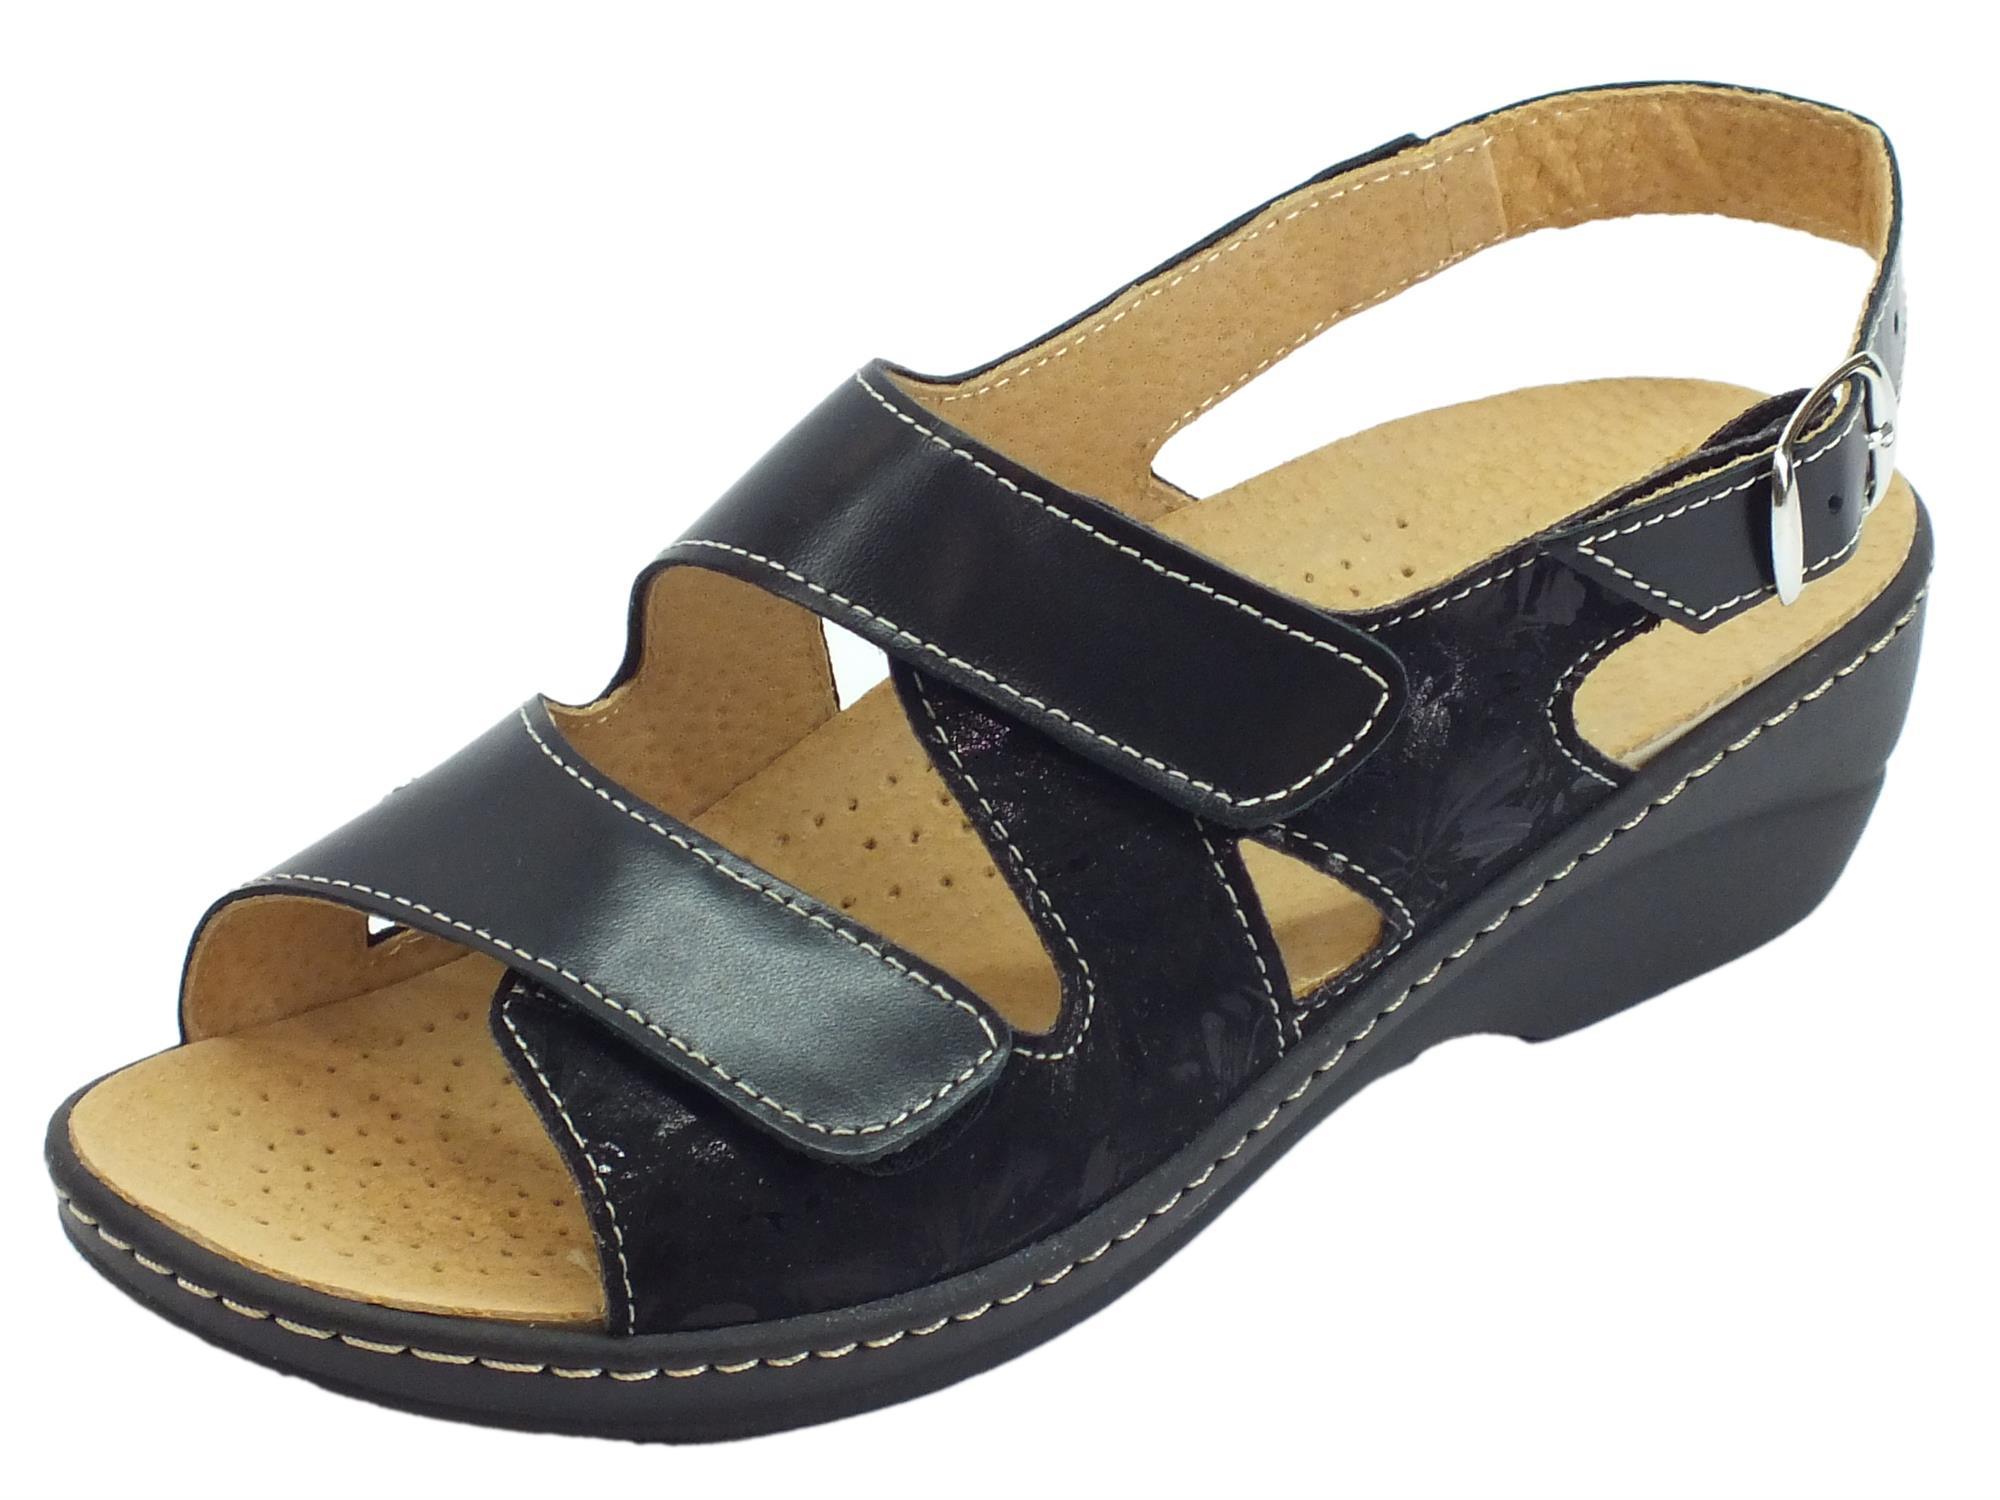 1263378c2c0b9 Cinzia Soft sandali linea comoda pelle e tessuto nero doppio stretch  sottopiede pelle